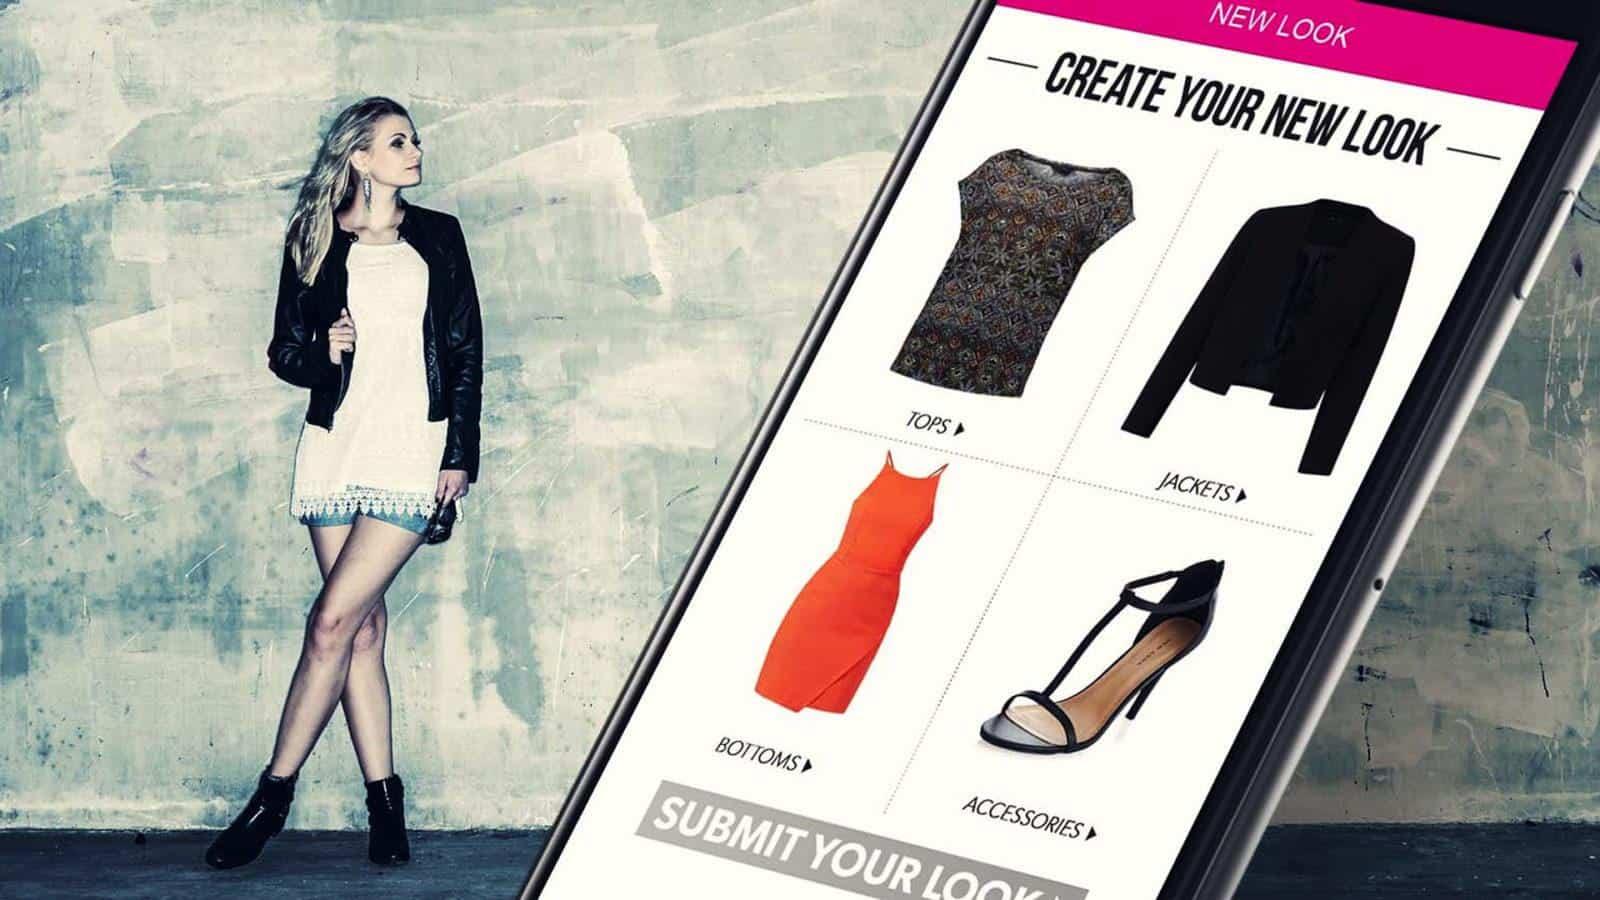 New Look app